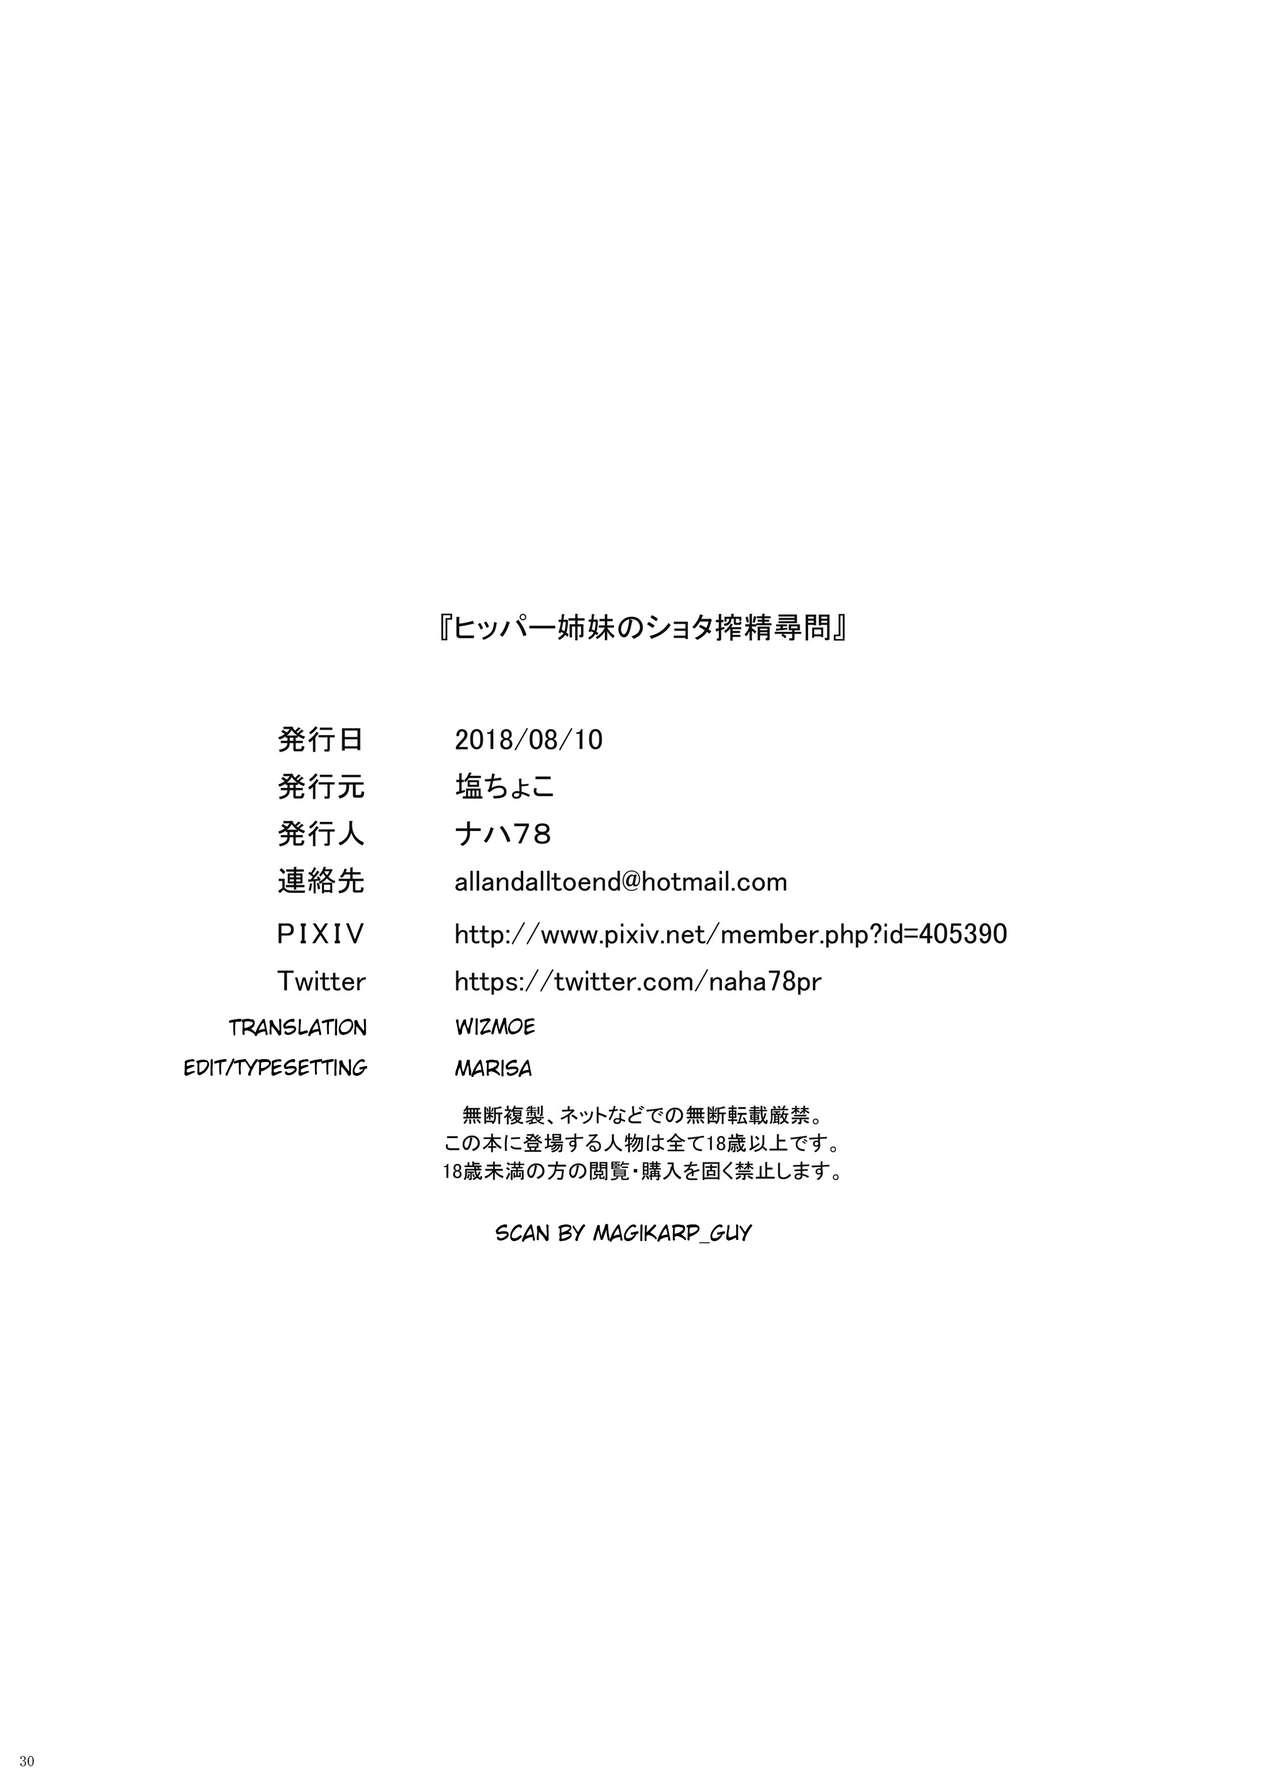 Hipper Shimai no Shota Sakusei Jinmon 29